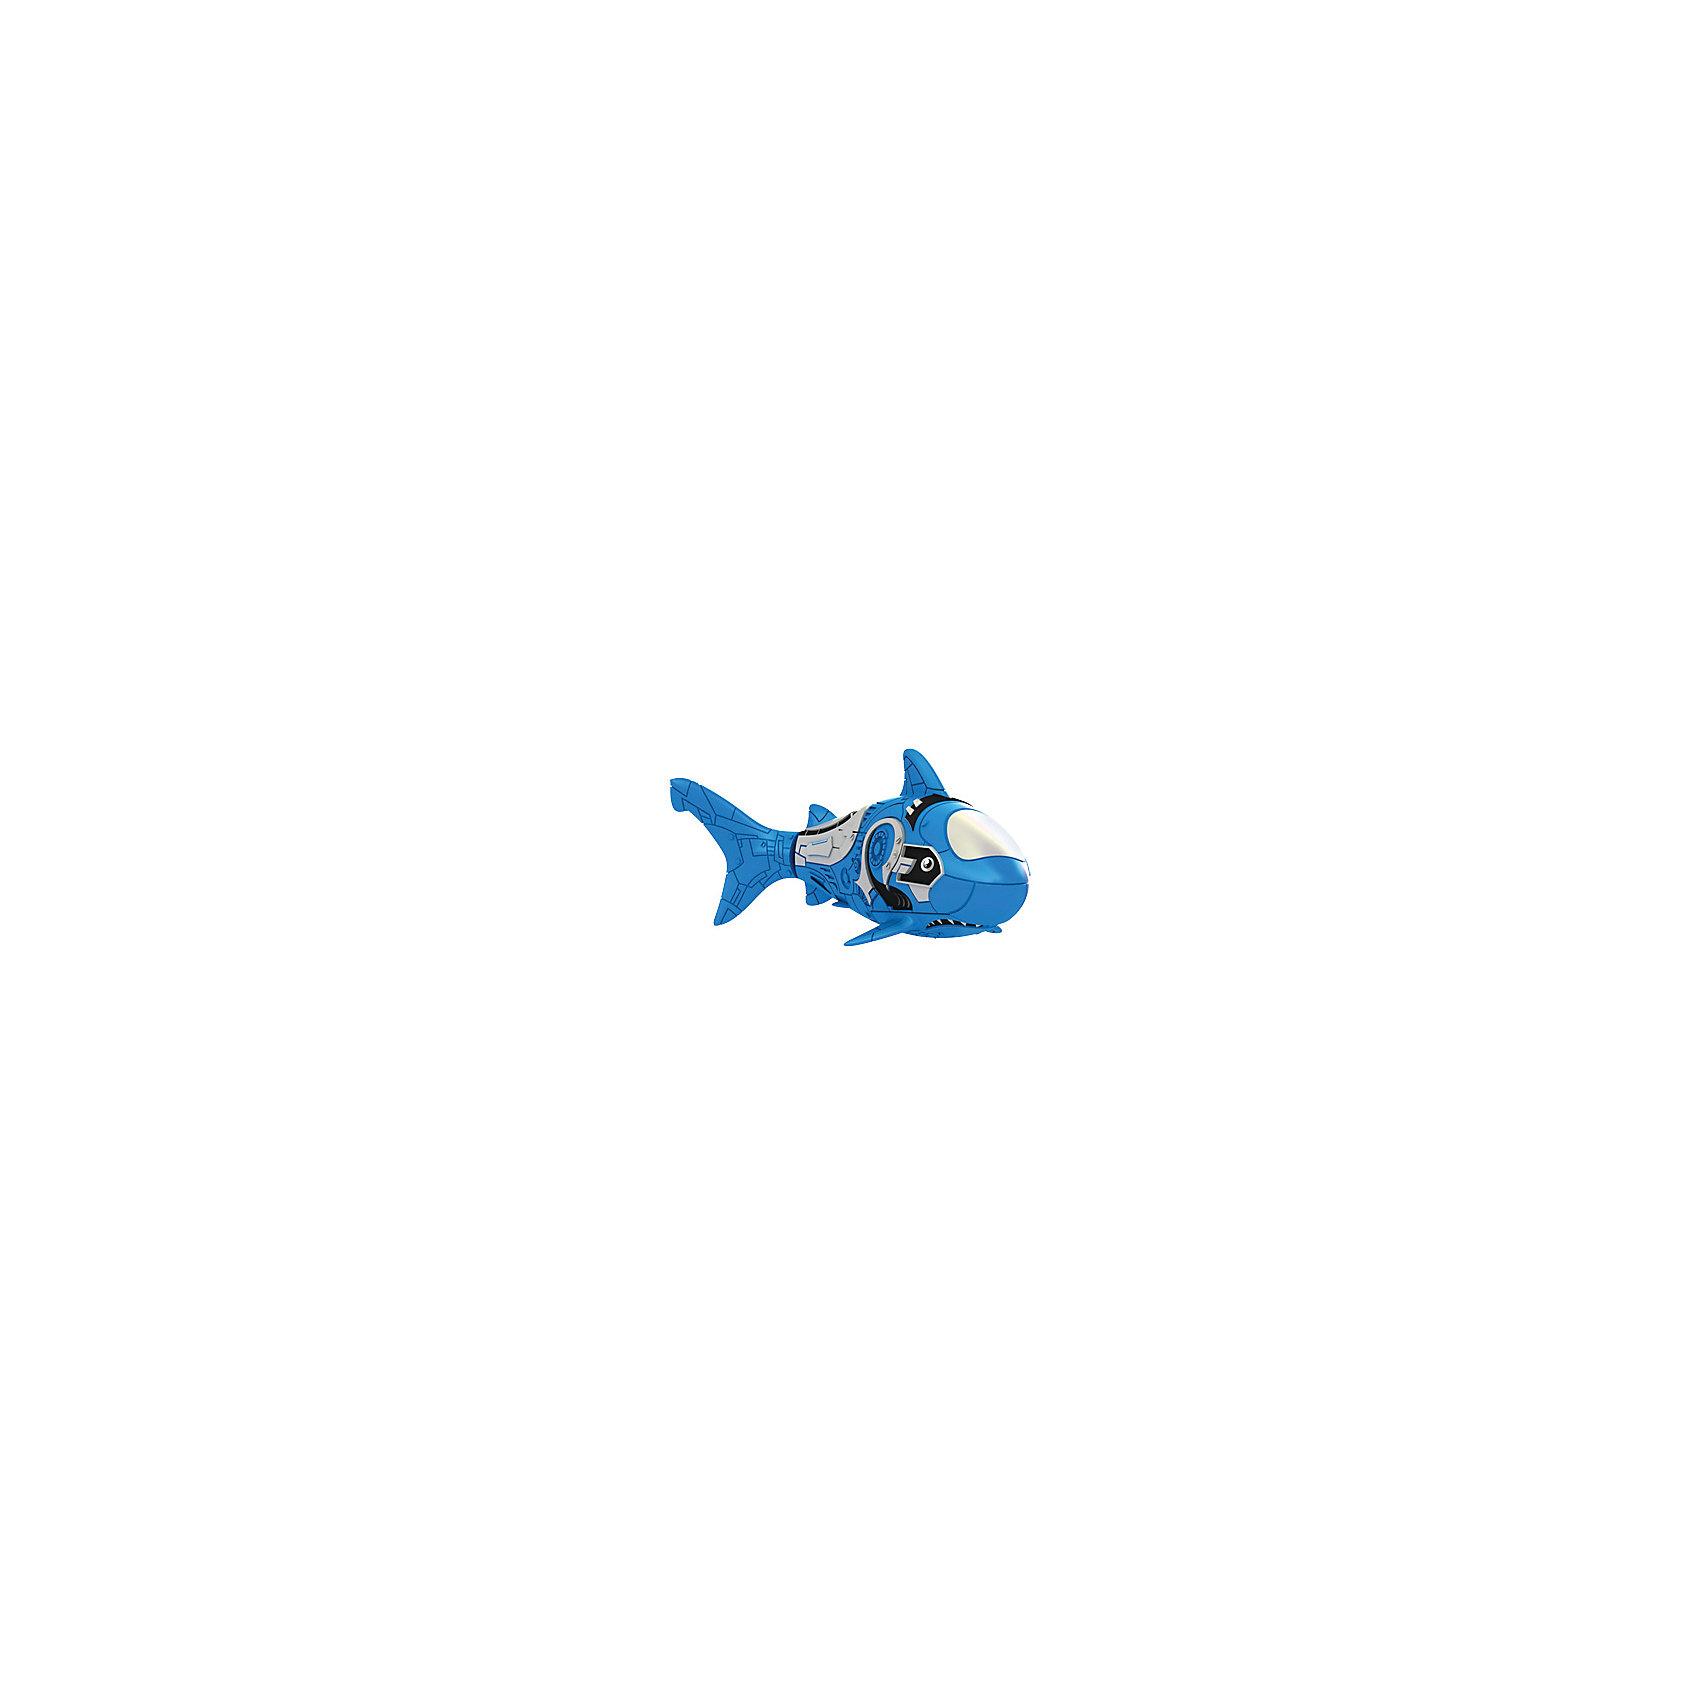 РобоРыбка Акула, голубая, ZURUИнтерактивные животные<br>Характеристики товара:<br><br>• возраст от 3 лет<br>• материал: пластик, резина<br>• длина рыбки 7,5 см<br>• тип батареек: 2 х А76 / LR44 (миниатюрные)<br>• наличие батареек: входят в комплект (2-в рыбке, 2-запасные)<br>• размер упаковки 20х5х6 см<br>• вес упаковки 720 г.<br>• страна бренда: Новая Зеландия<br>• страна производитель: Китай<br><br>Роборыбка Акула Zuru голубая — интерактивная занимательная игрушка, которая умеет плавать и нырять. Запустив рыбку в воду, она начнет плавать, опускаться на дно. Внутри рыбки имеется грузик, который регулирует глубину погружения на дно. Если убрать его, рыбка будет плавать по поверхности. Положите его обратно, рыбка начнет опускаться. <br><br>Роборыбку Акула Zuru голубая можно приобрести в нашем интернет-магазине.<br><br>Ширина мм: 60<br>Глубина мм: 50<br>Высота мм: 200<br>Вес г: 720<br>Возраст от месяцев: 36<br>Возраст до месяцев: 2147483647<br>Пол: Унисекс<br>Возраст: Детский<br>SKU: 5544179